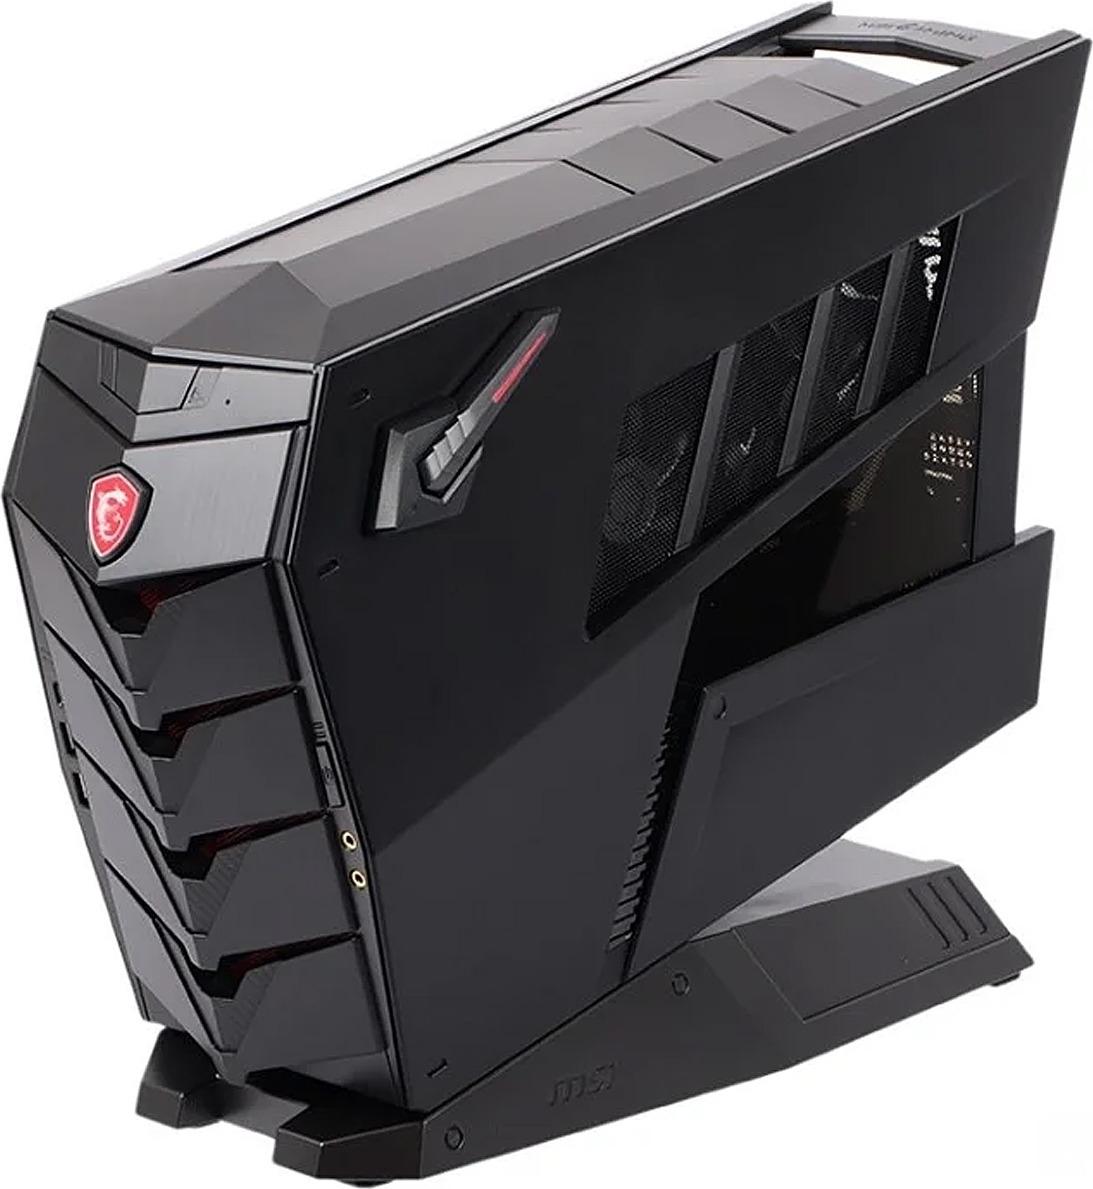 Системный блок MSI Aegis 3 8RC, 9S6-B91811-205, черный системный блок msi aegis 3 8rd 204ru черный